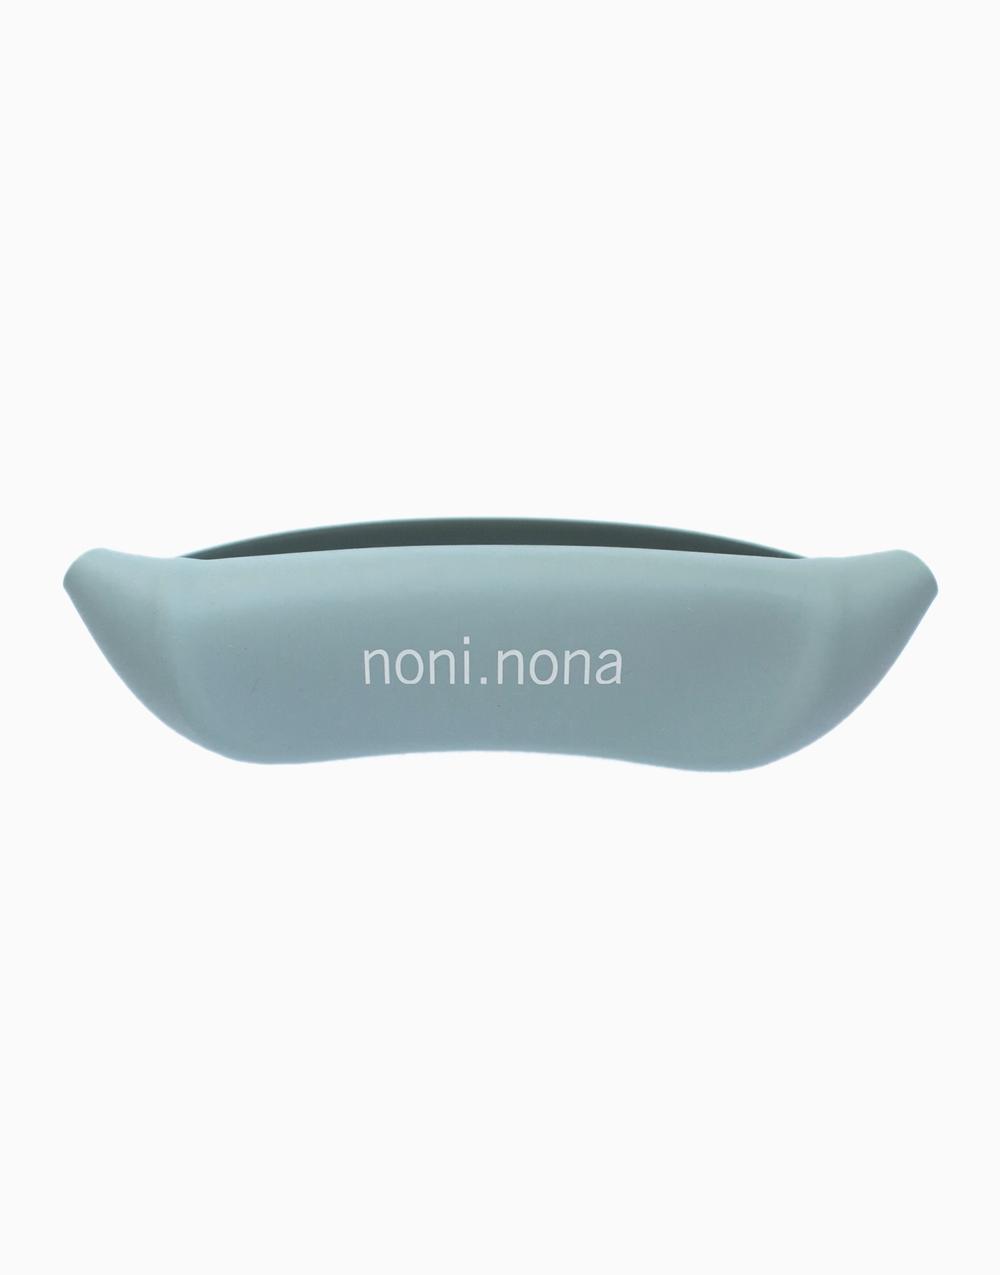 Silicone Bib by noni.nona | Ether Blue